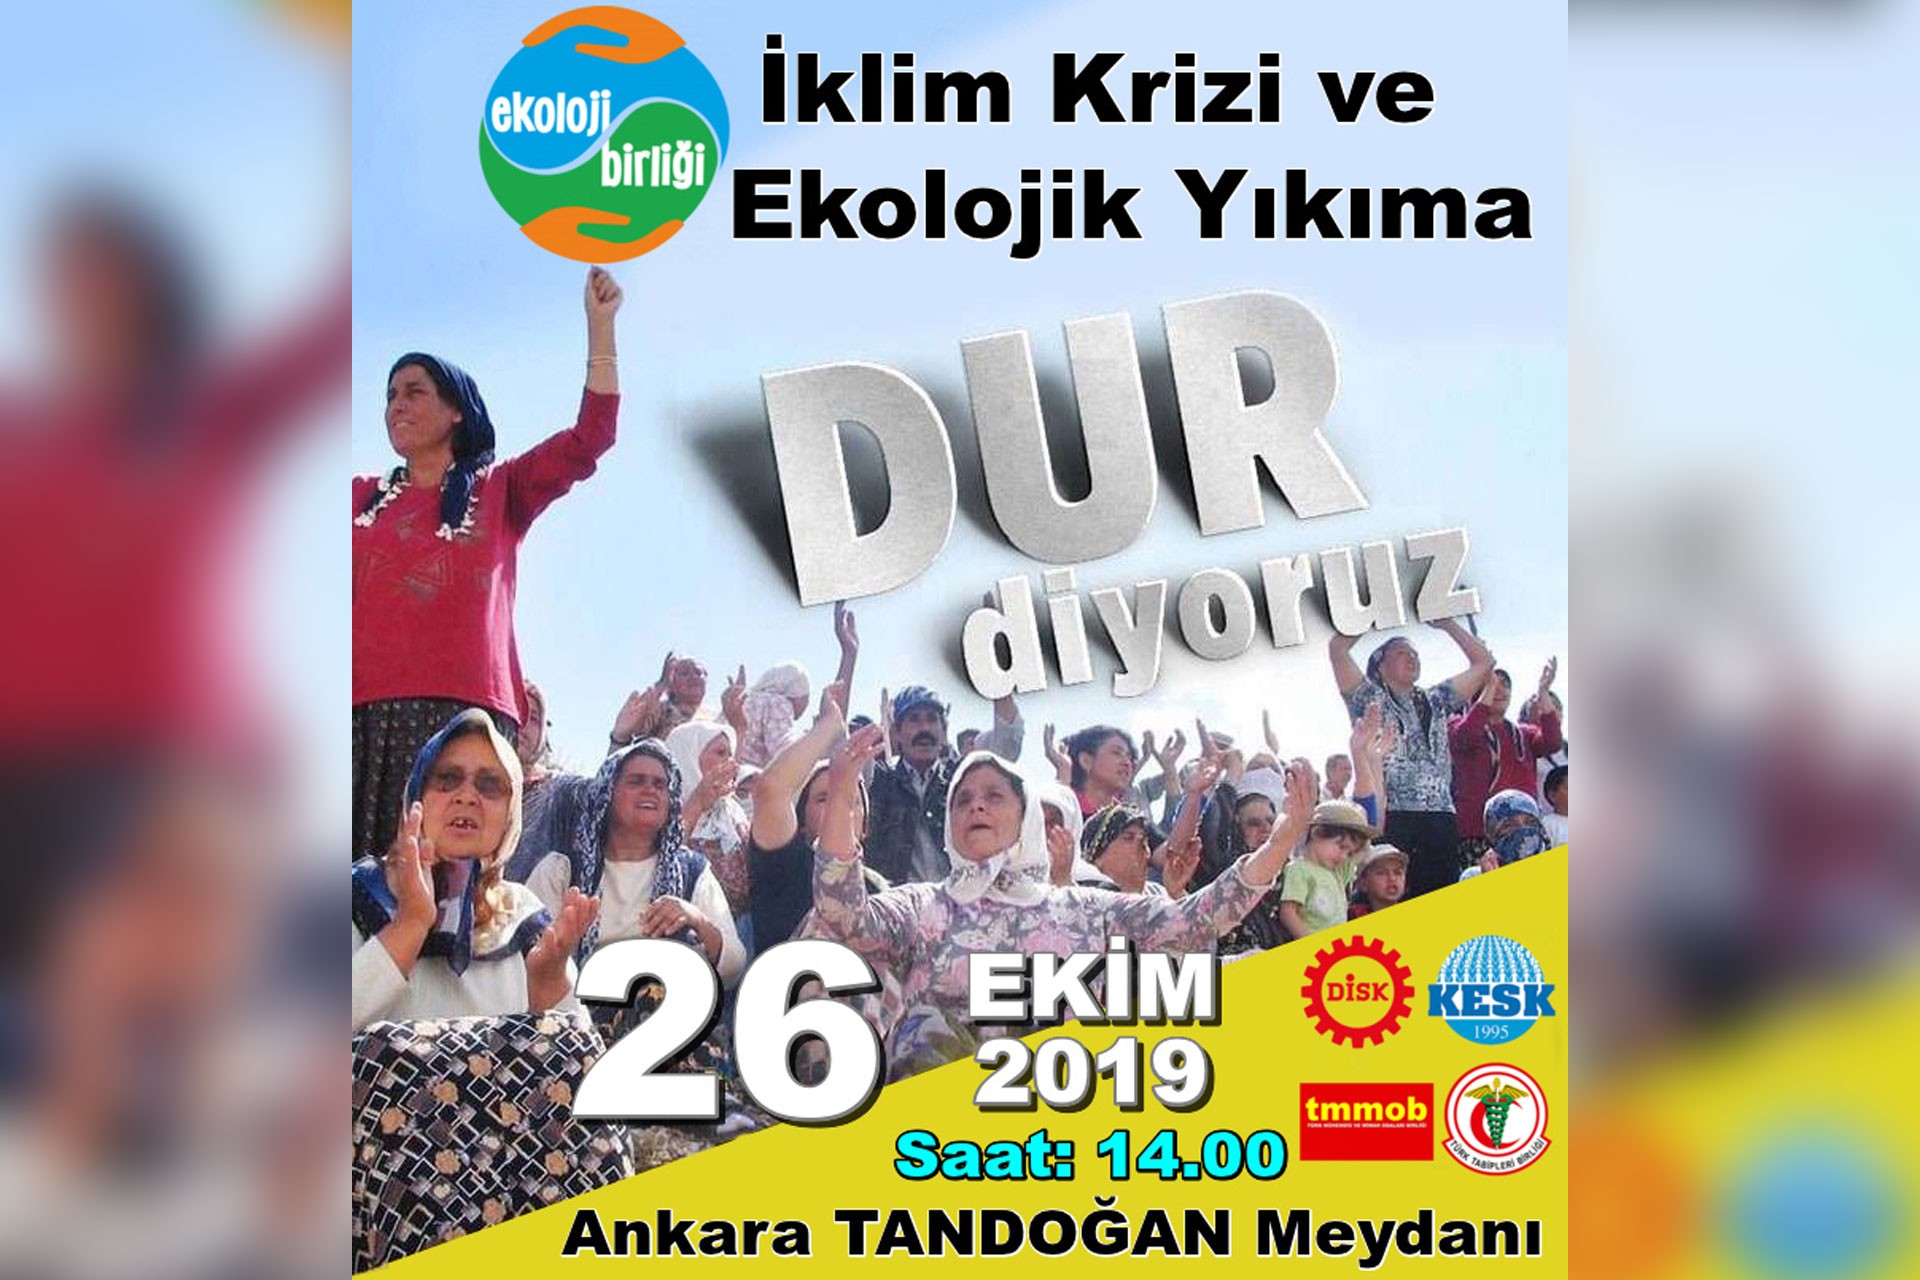 Ekoloji Birliği'nden 26 Ekim Ankara mitingine çağrı